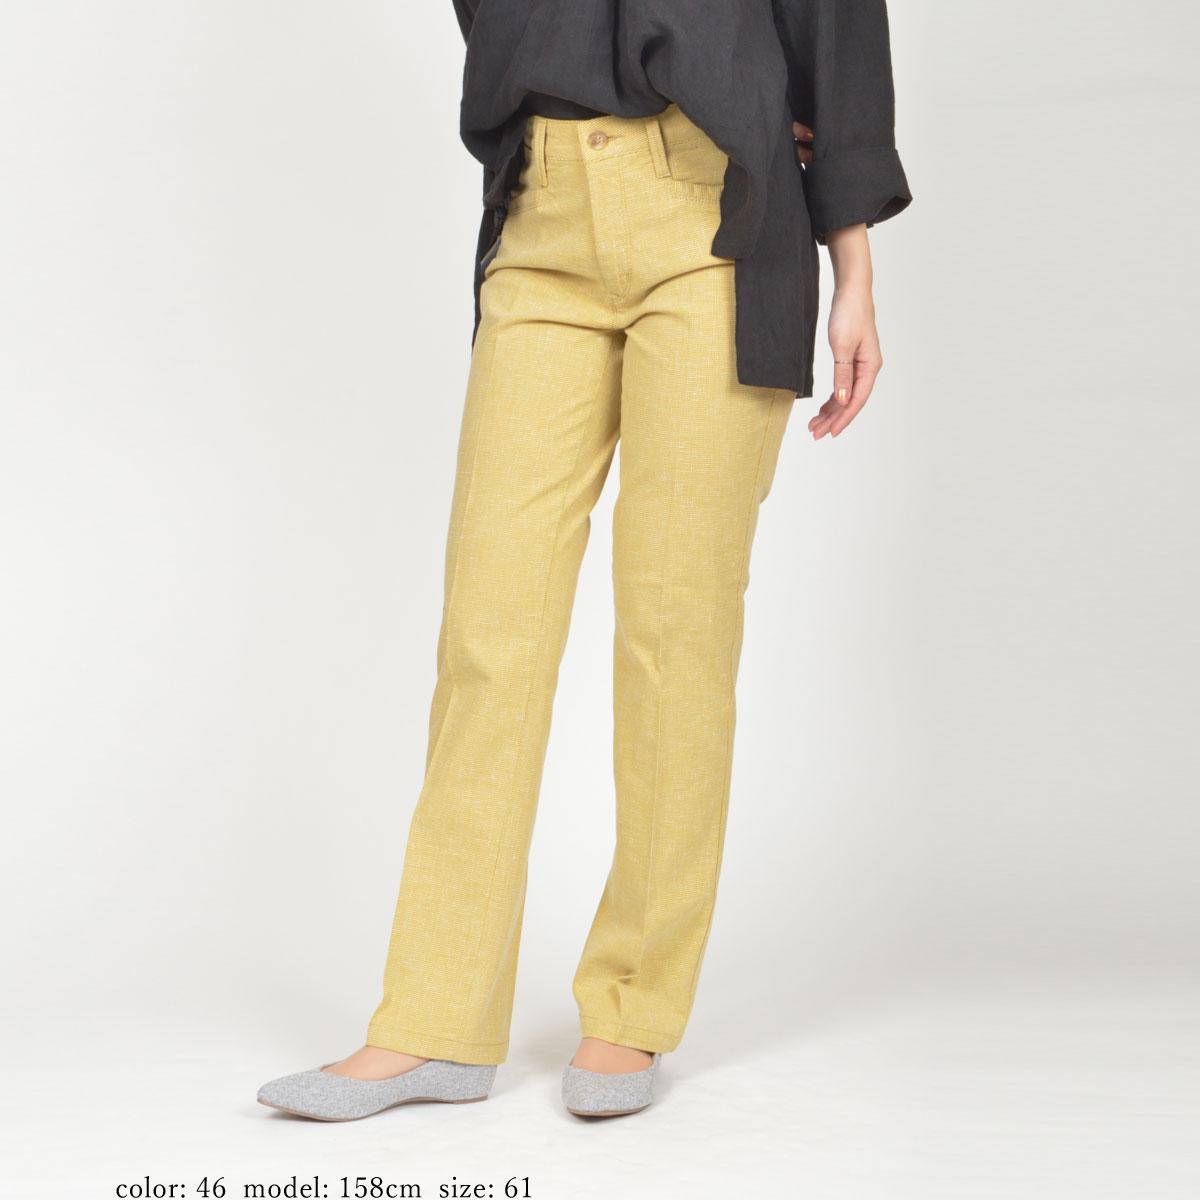 【SALE】Mrs.Jeana GOLD ■涼■ ドビーストレッチ サマーディナーストレート GM3842